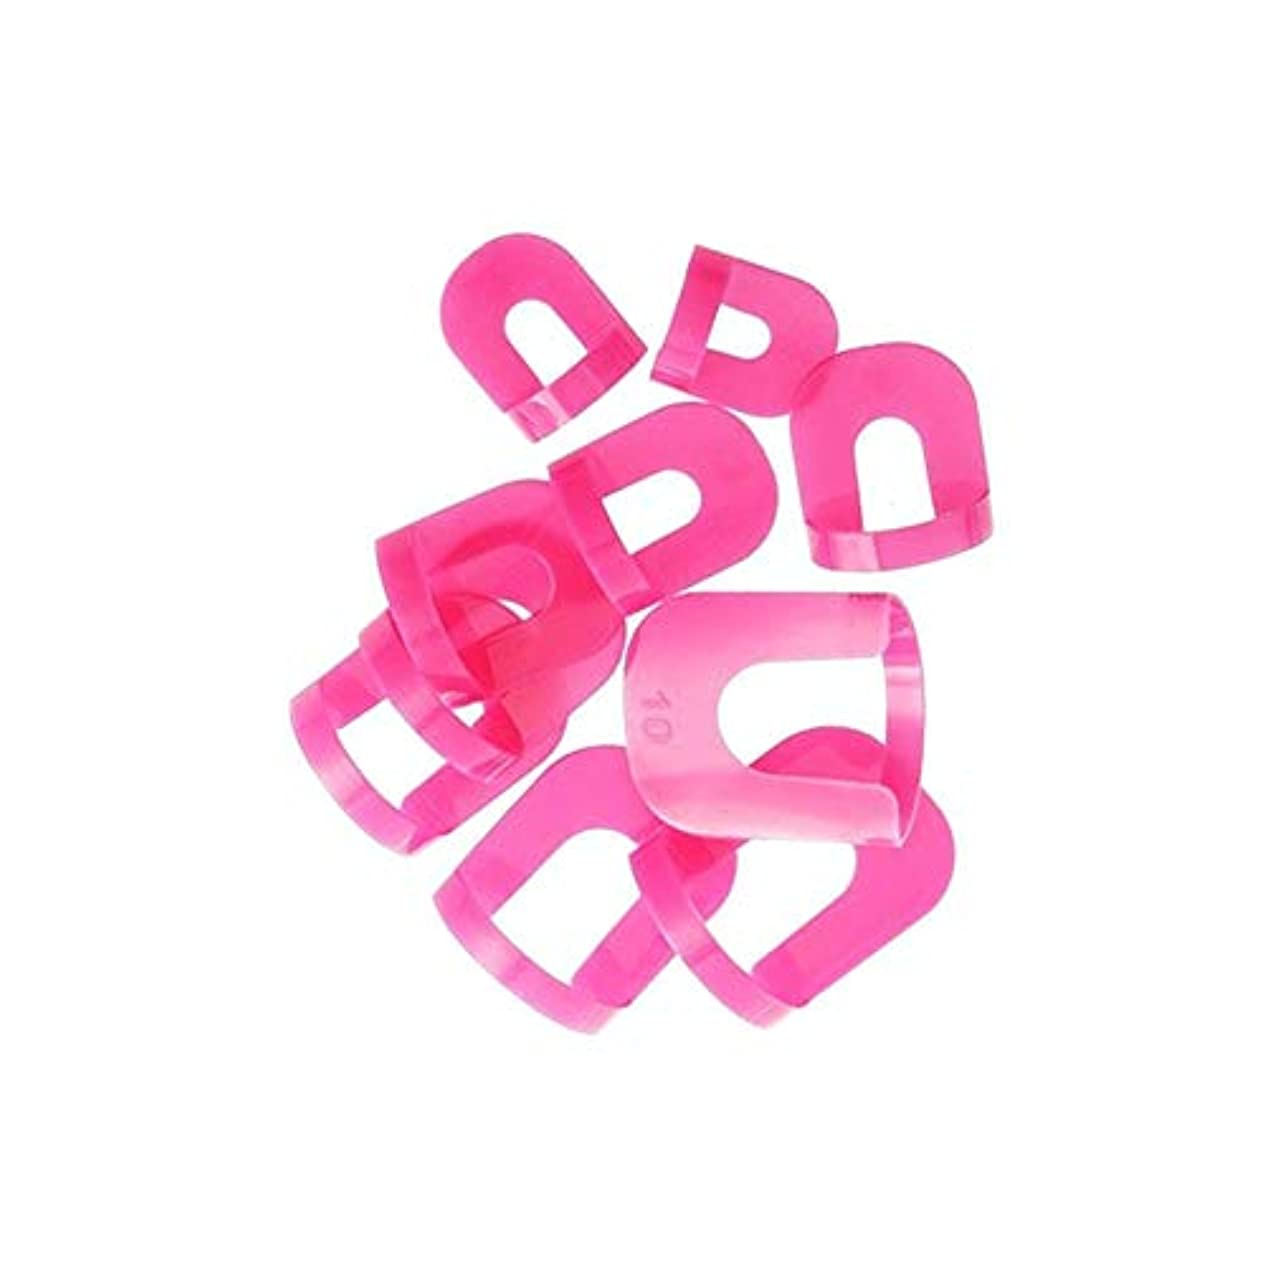 ドック症状修復マニキュア保護テンプレート保護曲線状多指マニキュアの1セット、マニキュアが流出ホルダ10色ランダムサイズの互換性を持って設定します